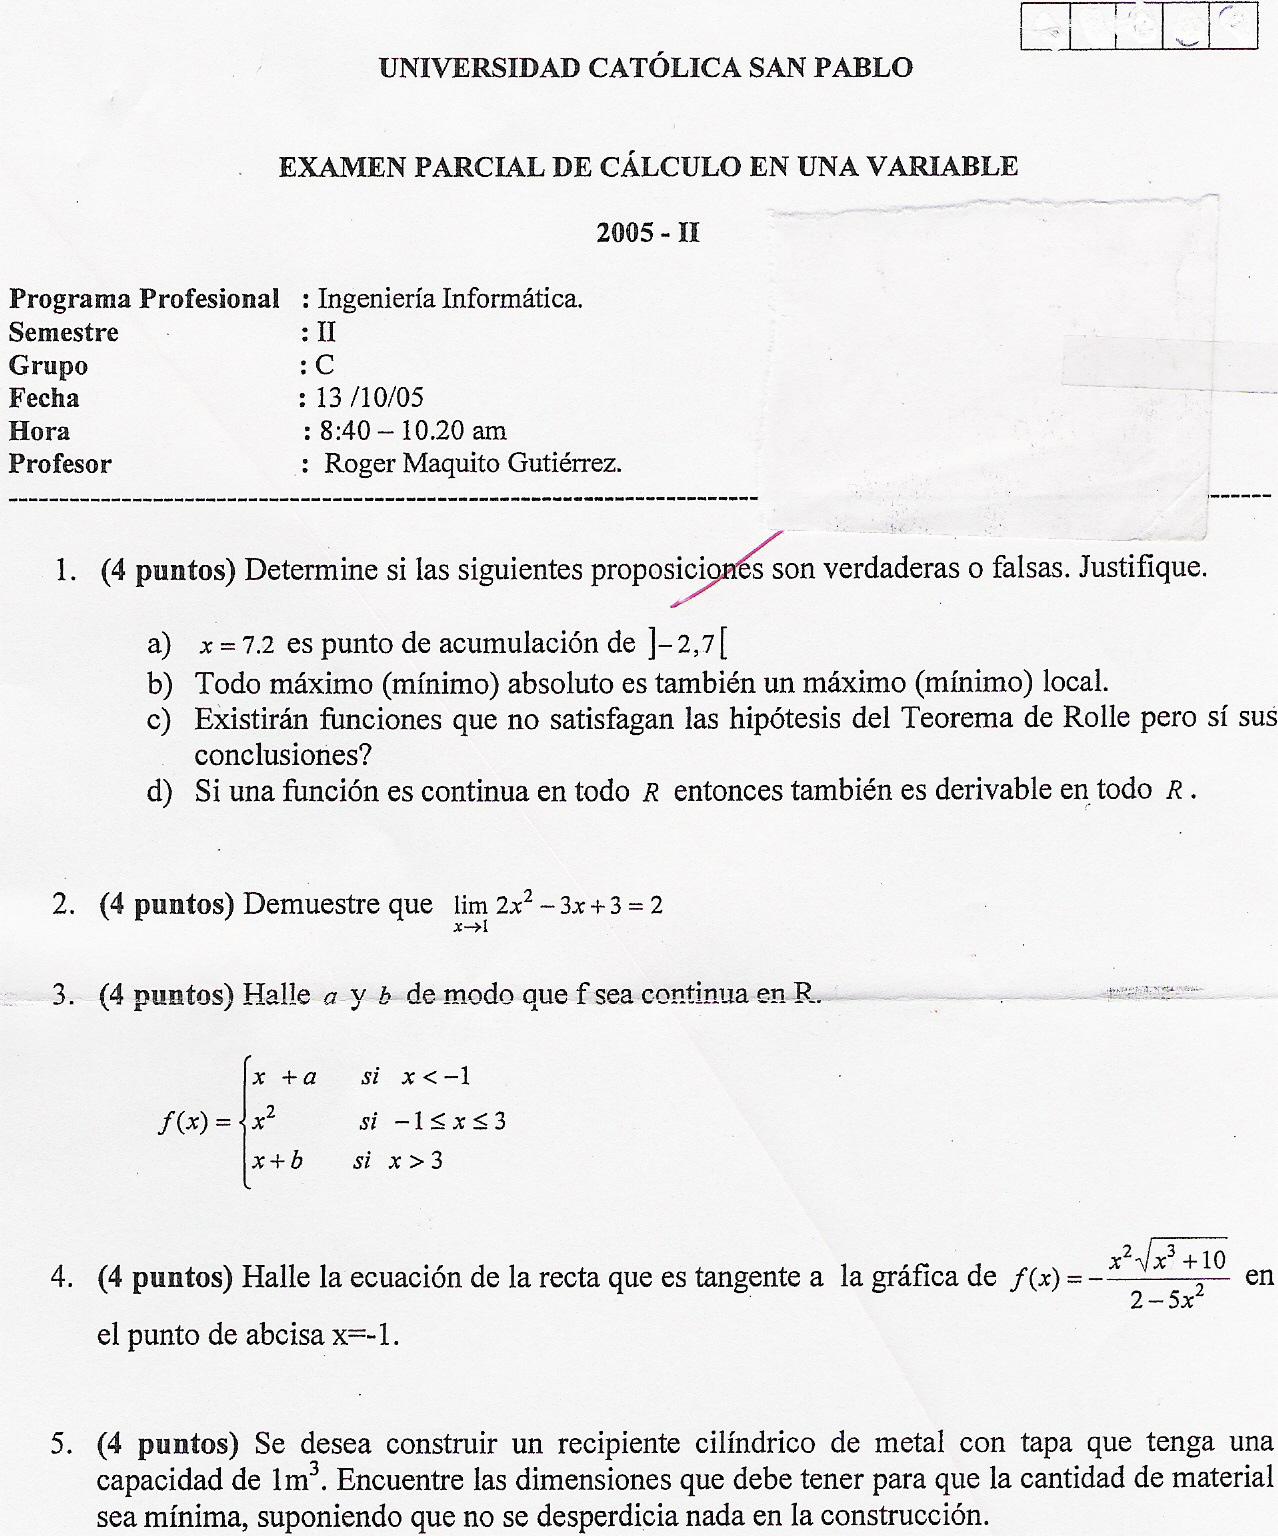 'Cálculo de una variable'